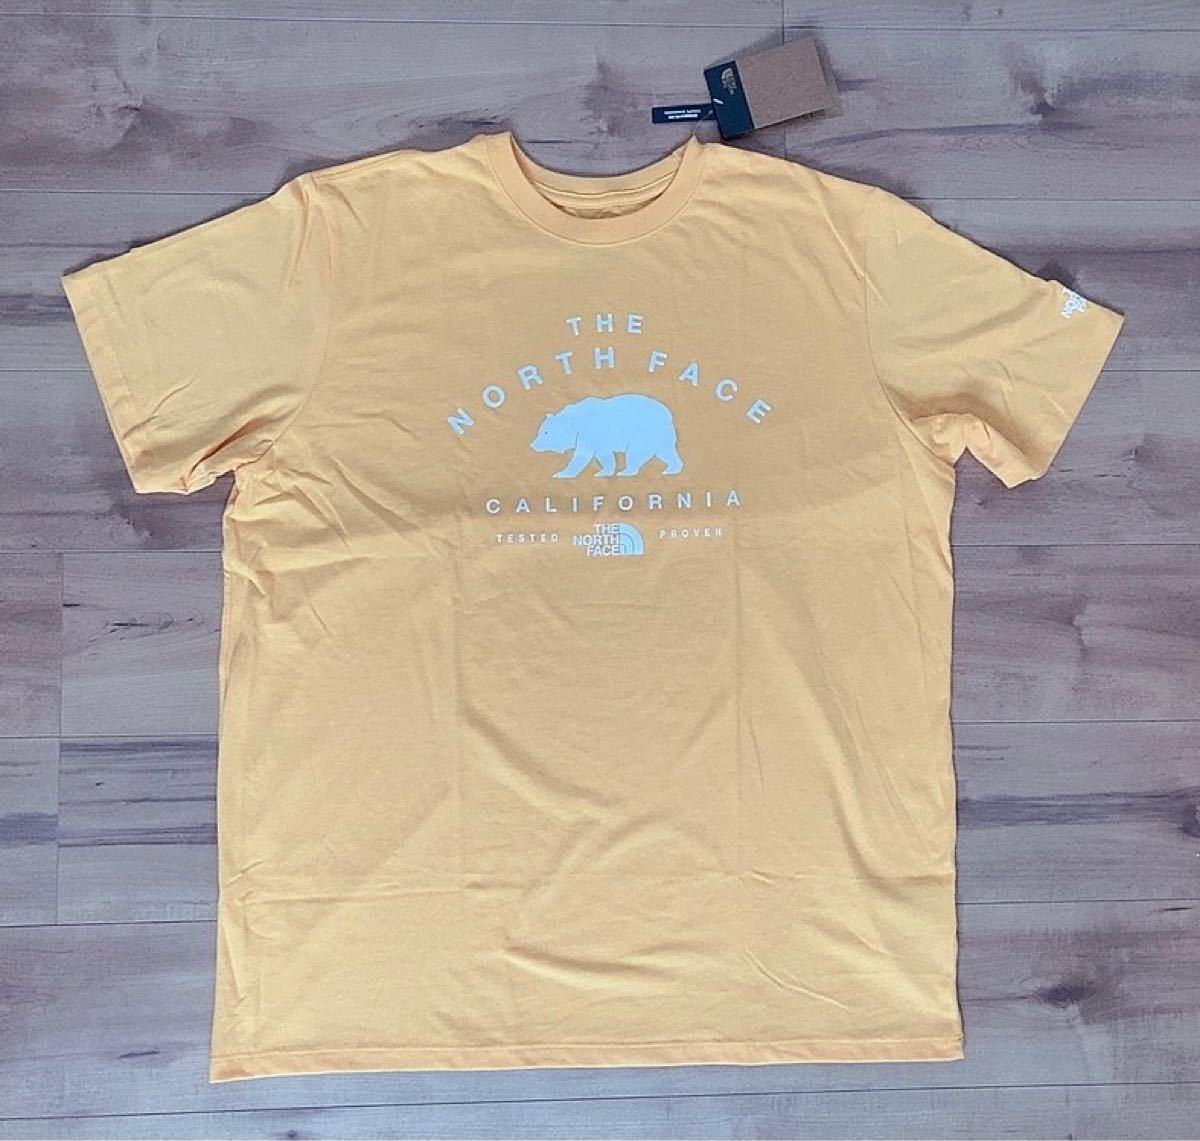 THE NORTH FACE ザ ノースフェイス Tシャツ カリフォルニア限定